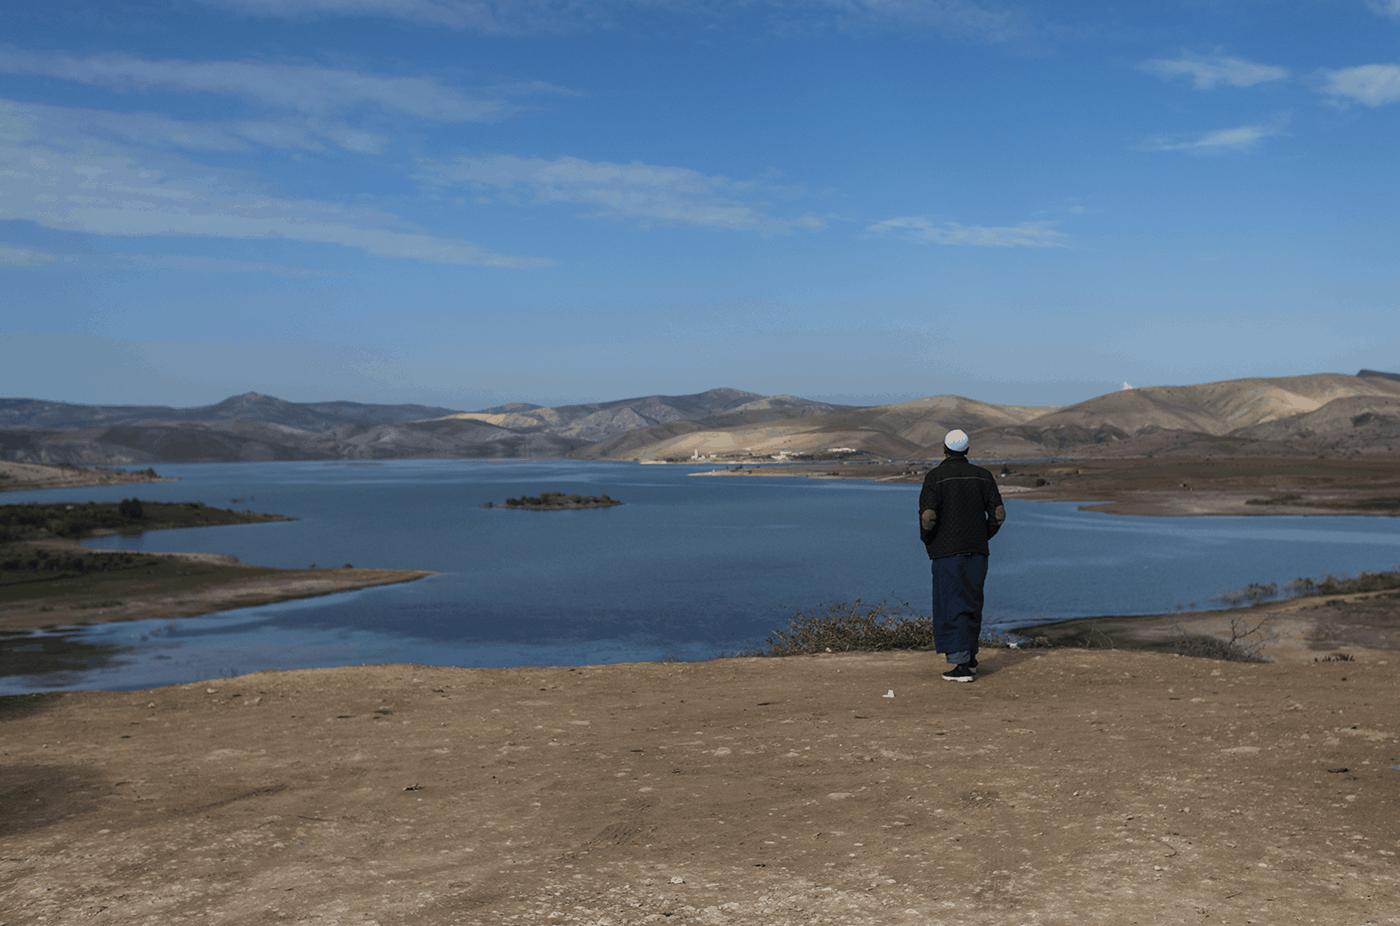 Moroccan lake